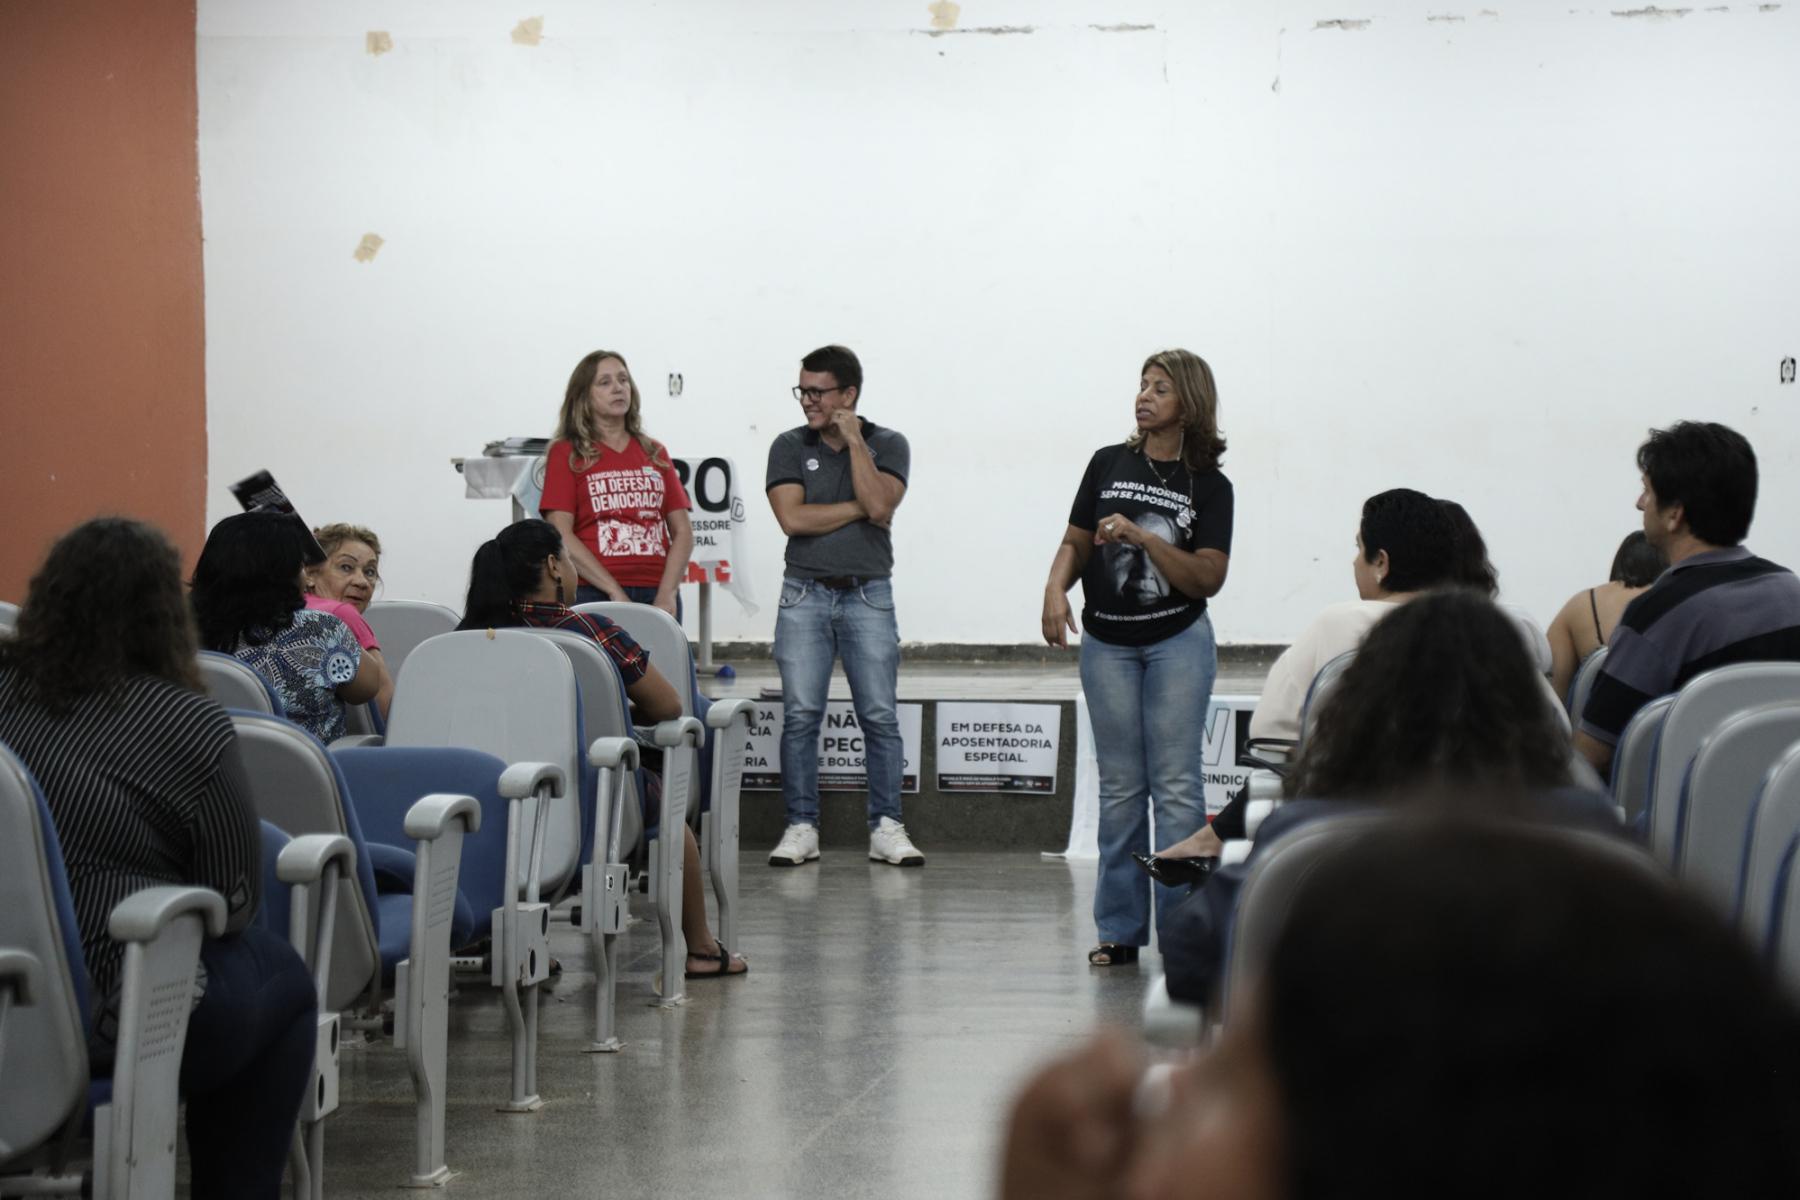 2019.04.11_Plenaria-Regional-de-Sobradinho_fotos-ECOM-2